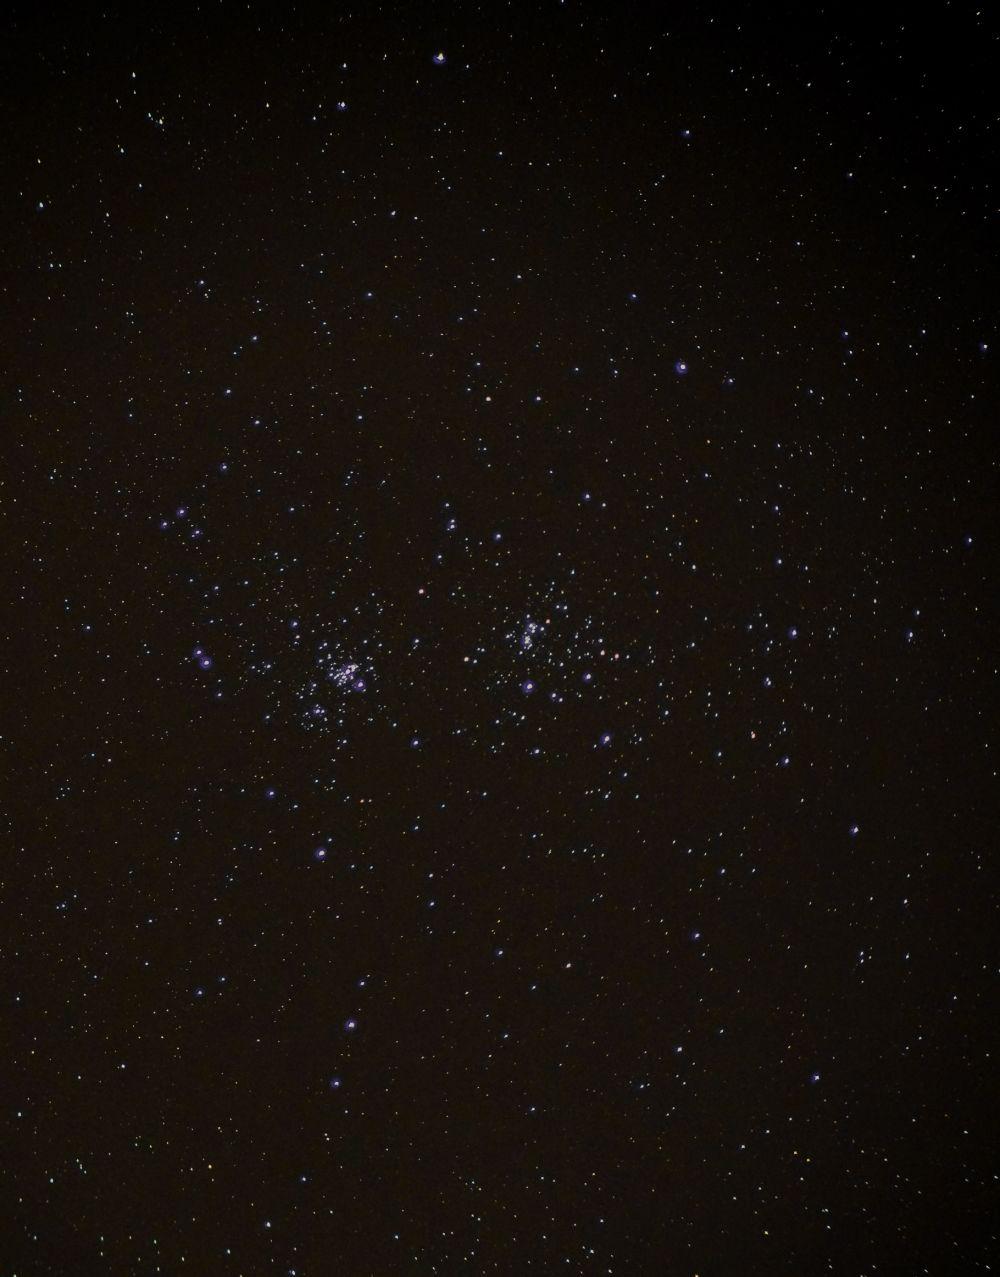 NGC 869 и NGC 884 рассеянное скопление Хи и Аш Персея.